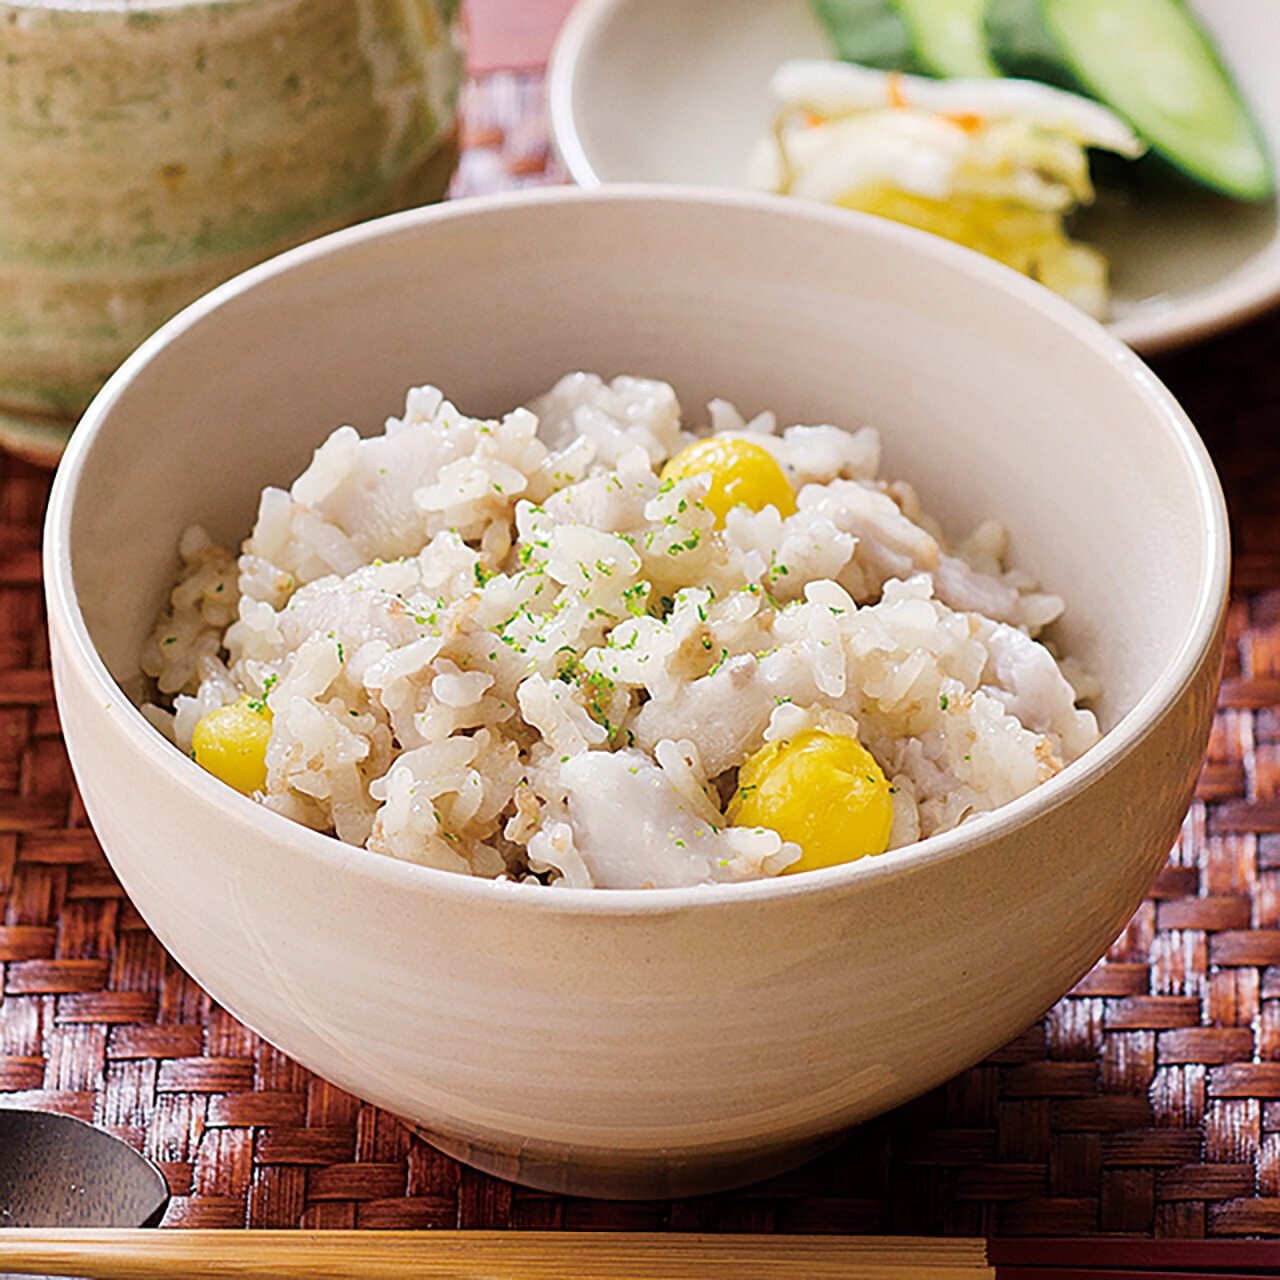 里芋の味ごはん | 子育て応援サイト CHEER!days